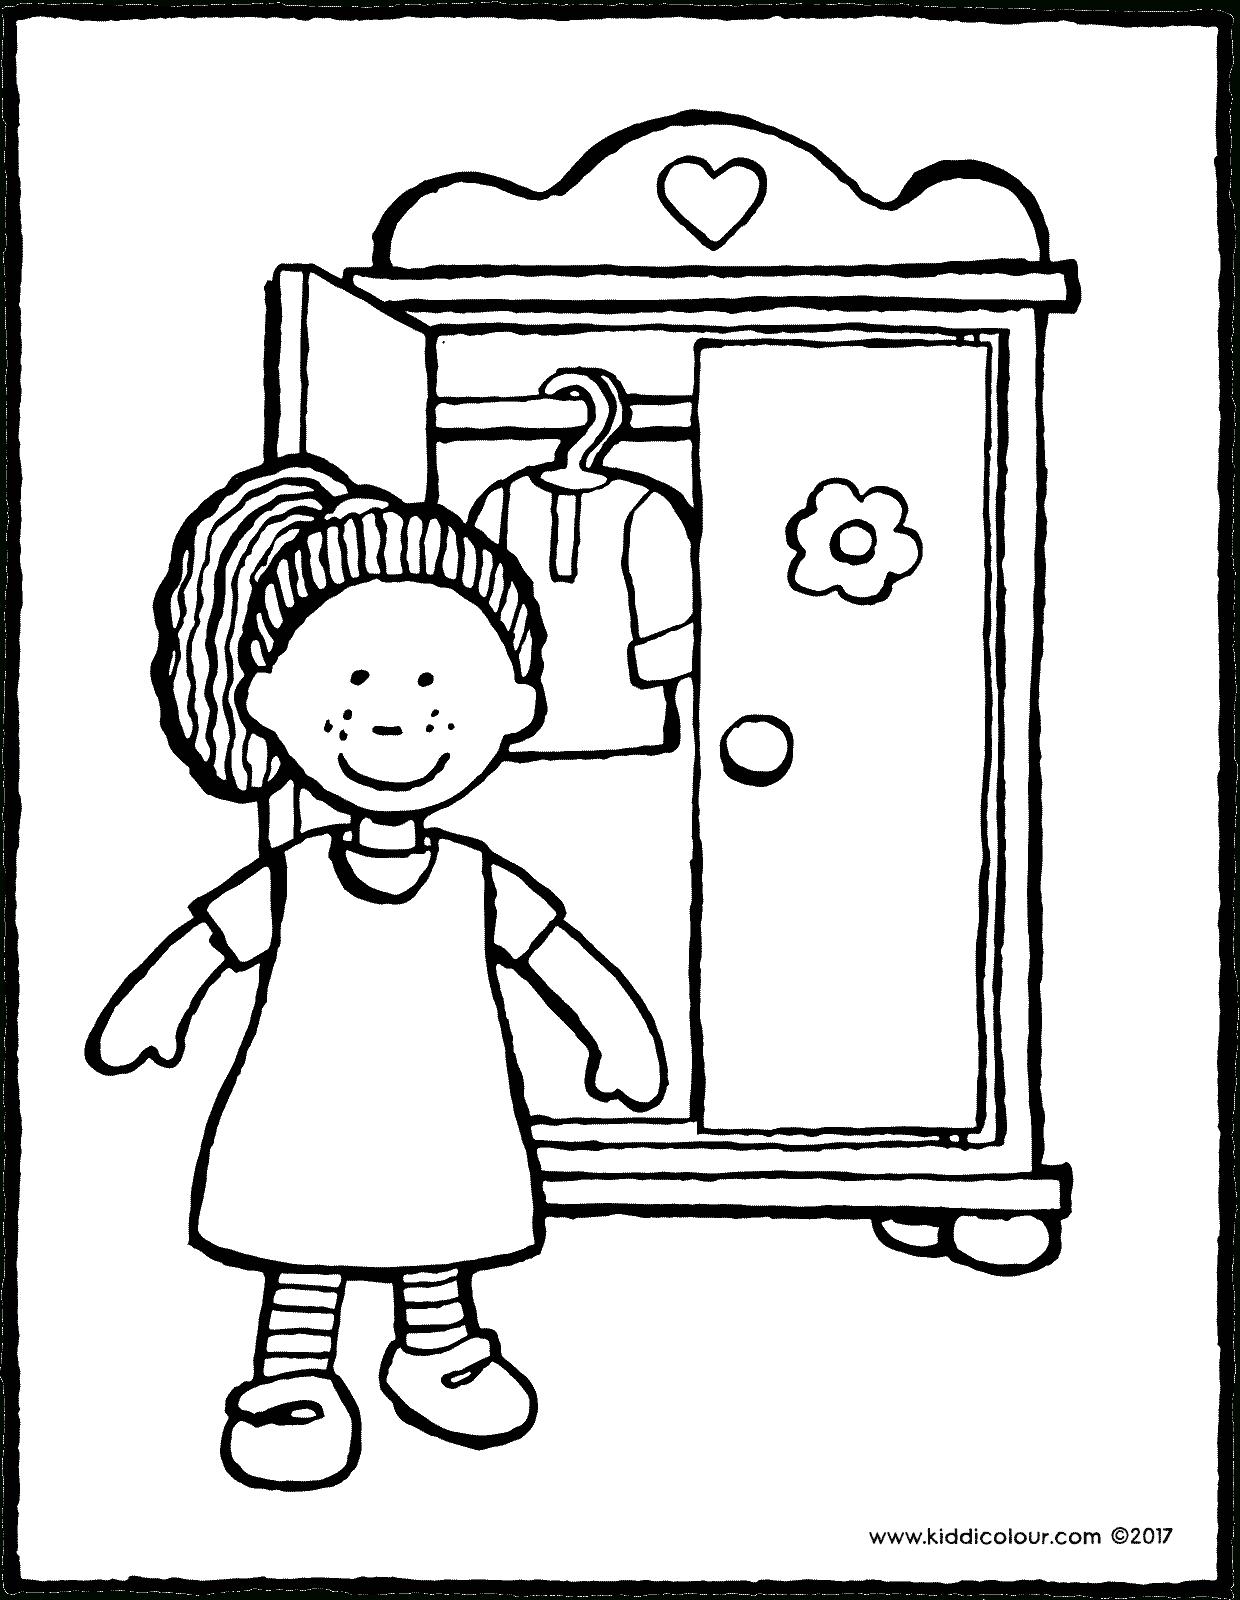 Puppe Mit Kleiderschrank - Kiddimalseite in Ausmalbilder Puppe